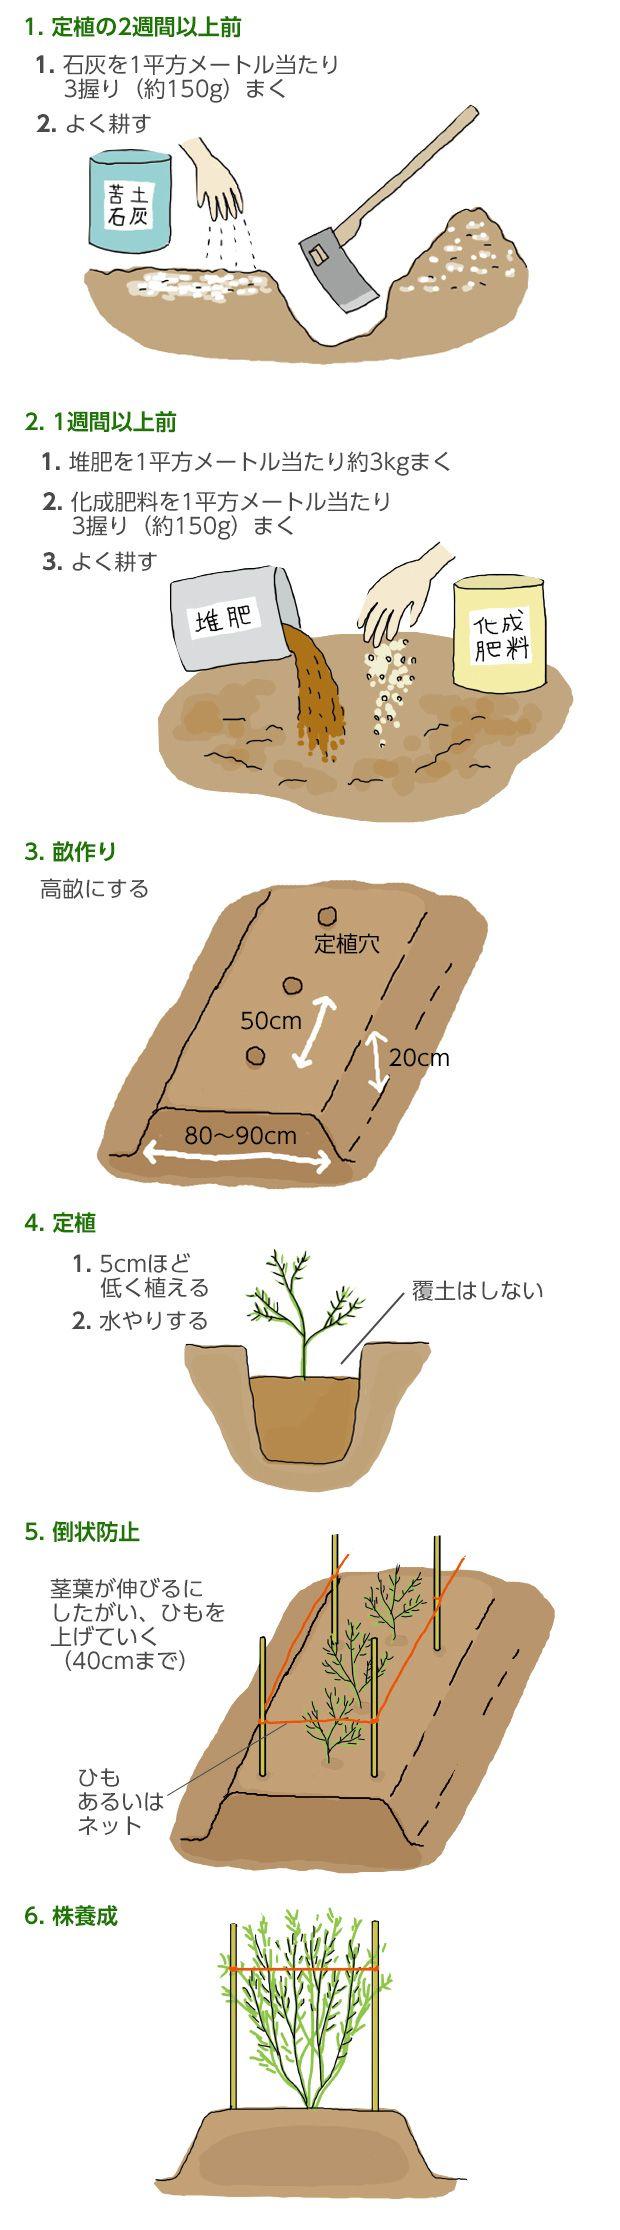 アスパラガスの育て方 栽培方法 失敗しない栽培レッスン 野菜の育て